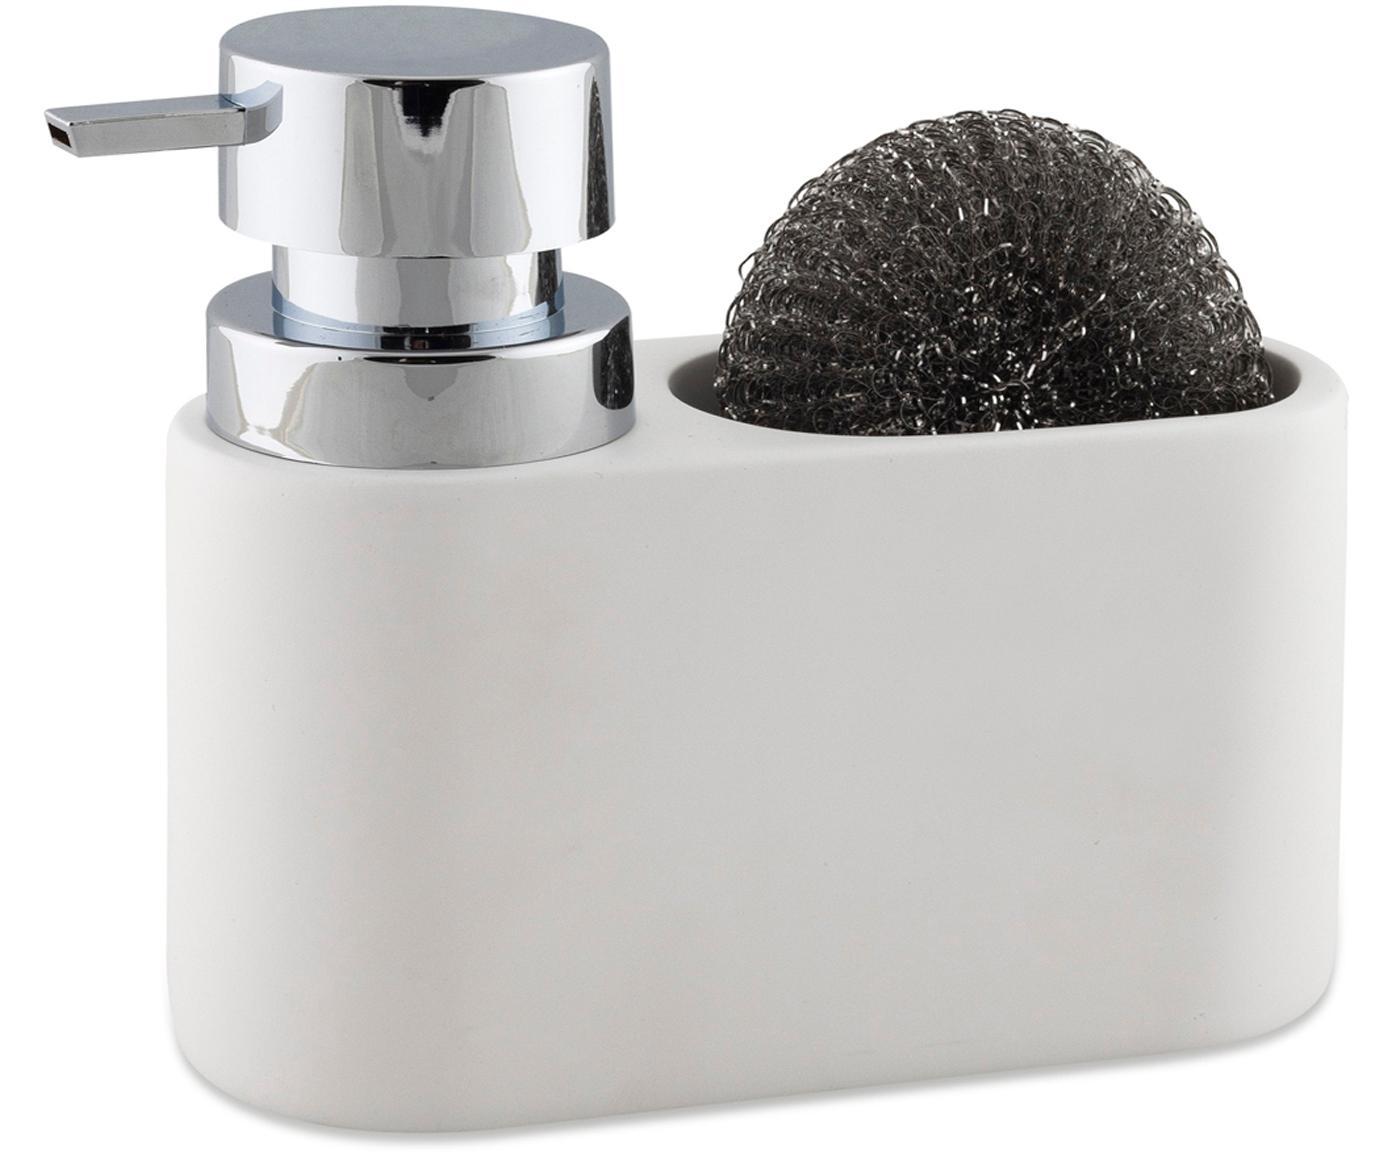 Set lavavajillas Strepa, 2pzas., con estropajo, Cerámica, metal, Blanco, plateado, An 19 x Al 15 cm